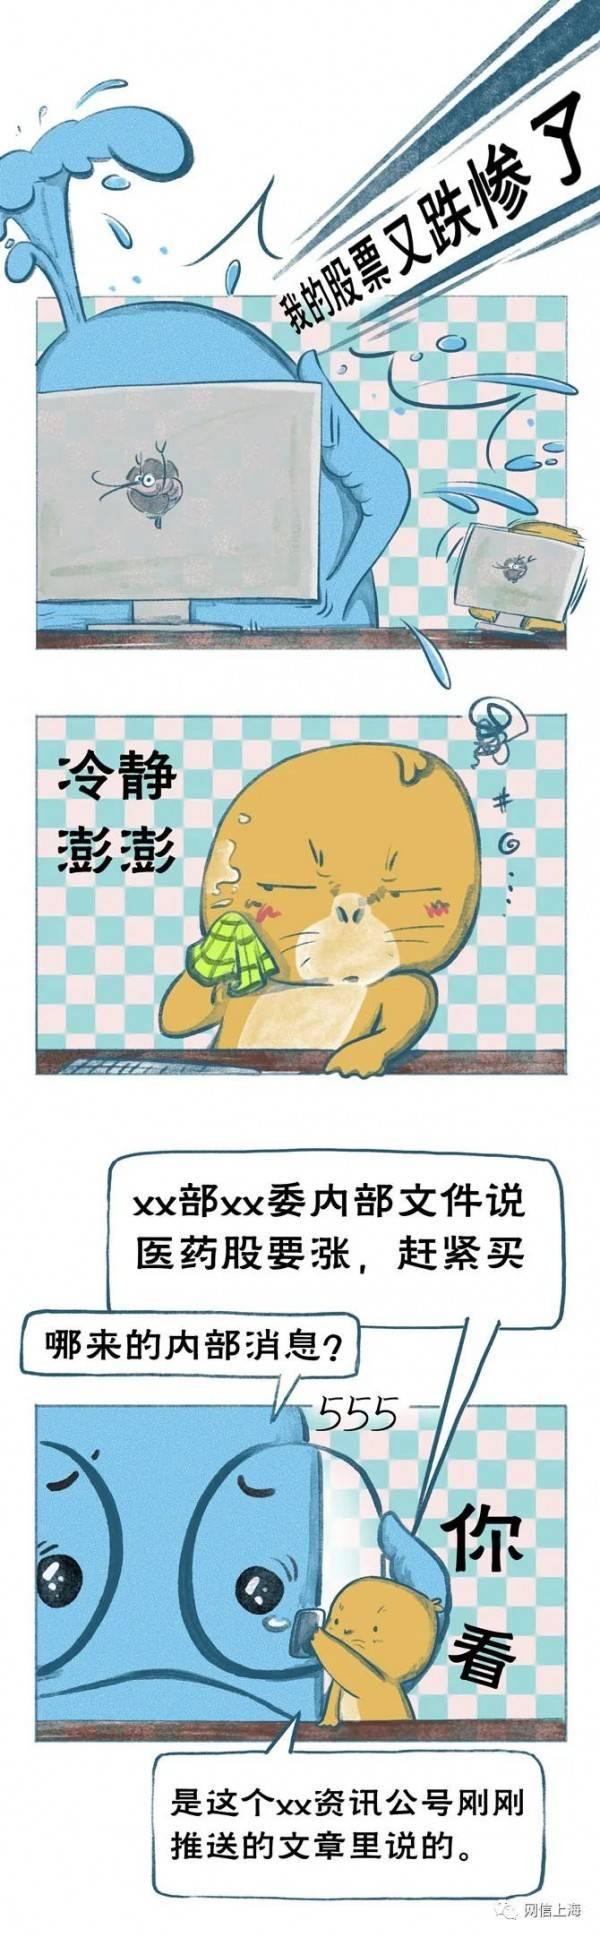 """""""沪小信""""今天开始来给大家普法啦!"""